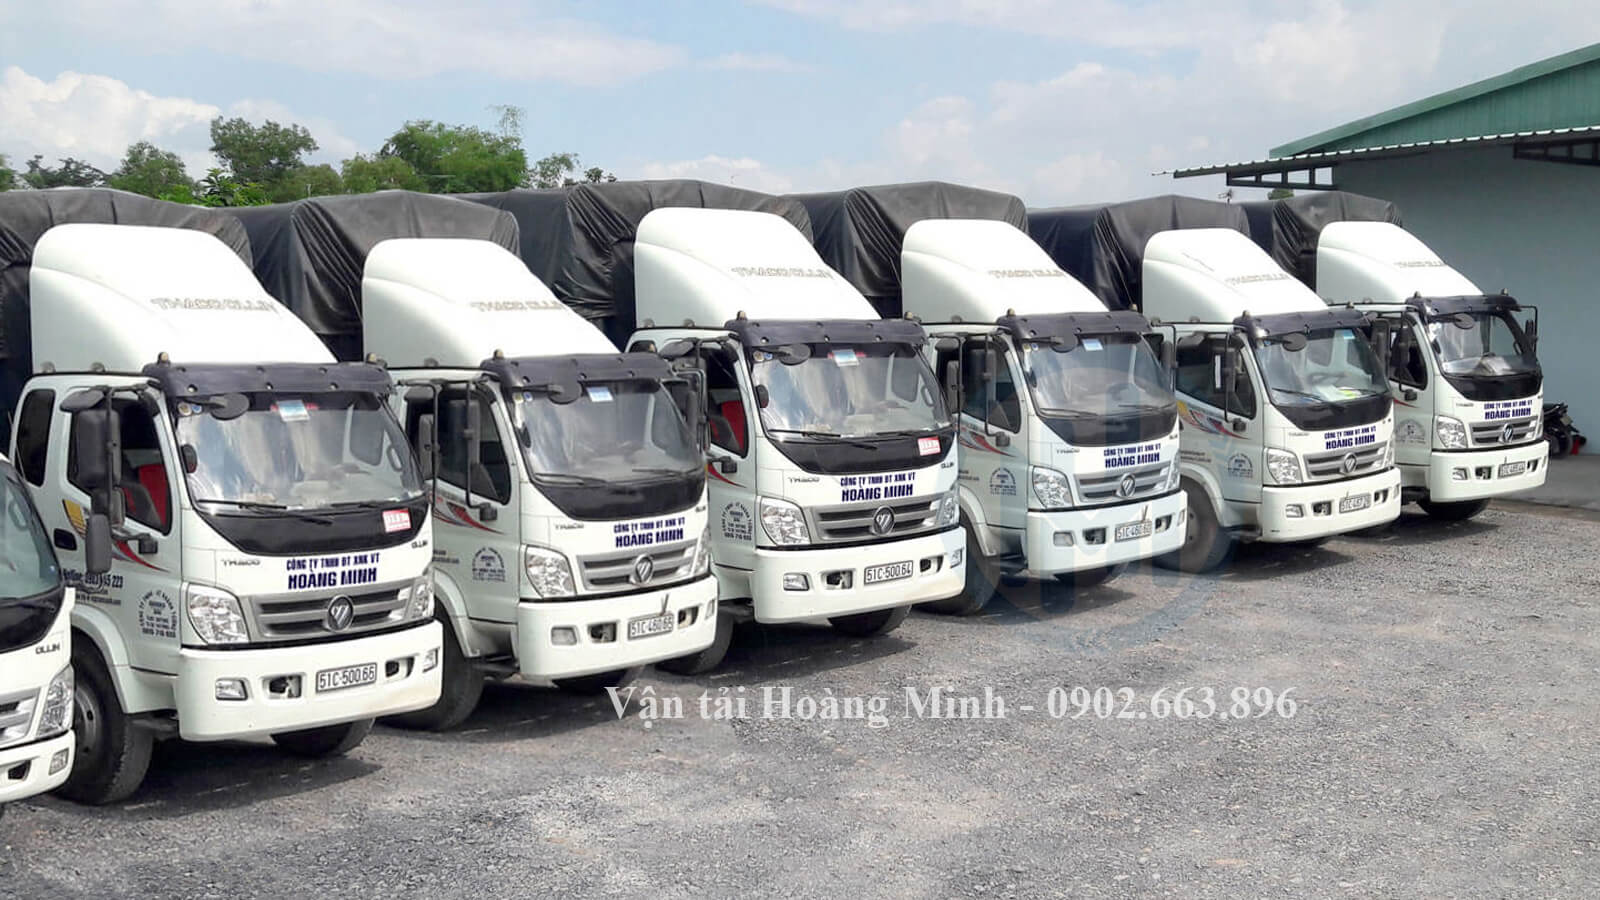 Làm thế nào để sử dụng dịch vụ cho thuê xe tải chở hàng Quận 10 của Vận tải Hoàng Minh